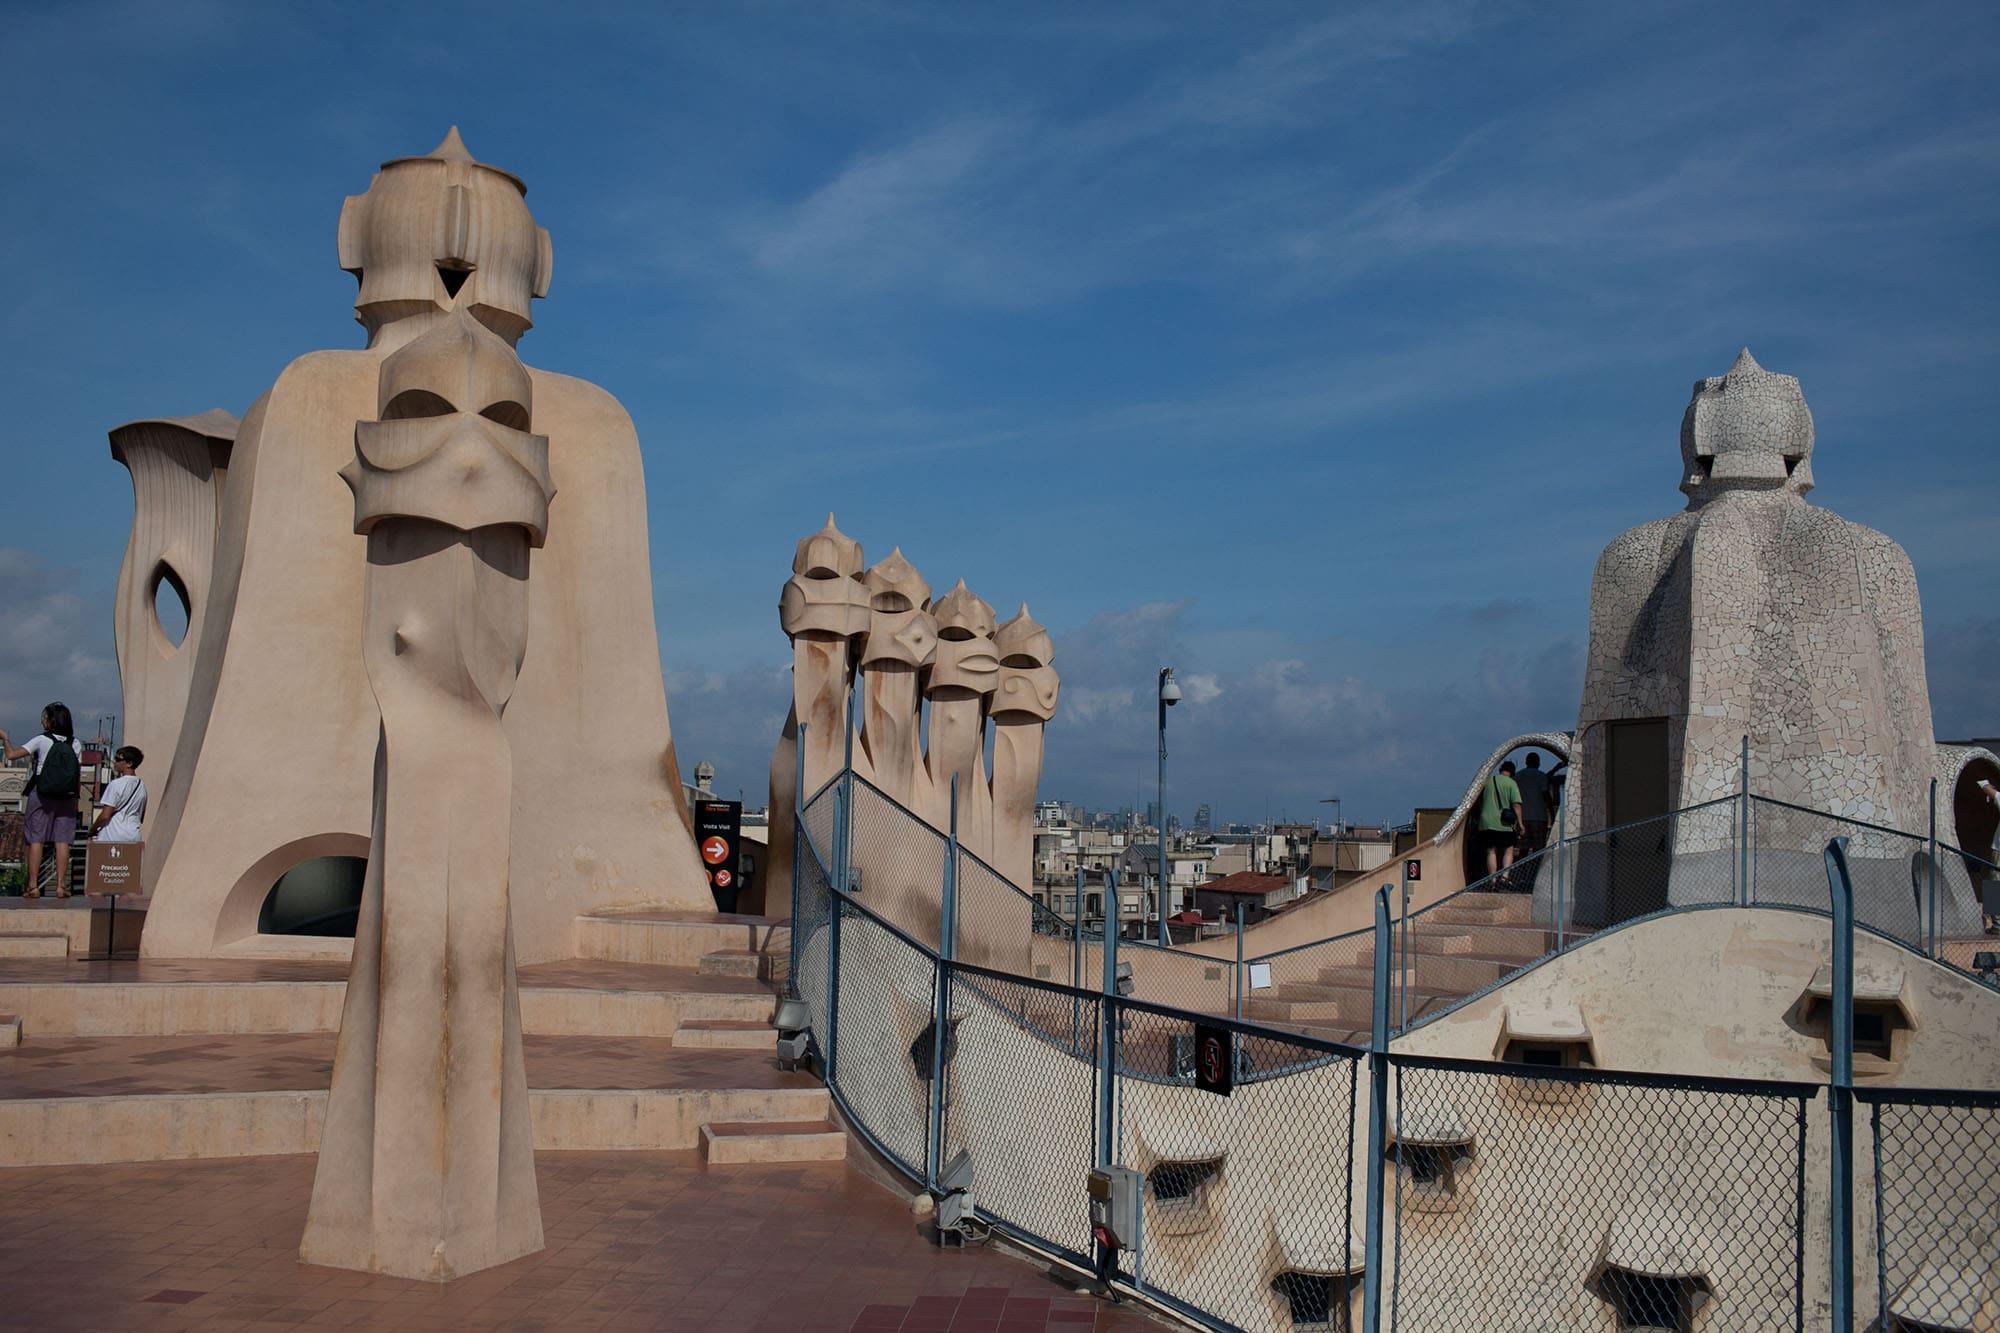 Gaudi's Casa Mila - La Pedrera - in Barcelona, Spain